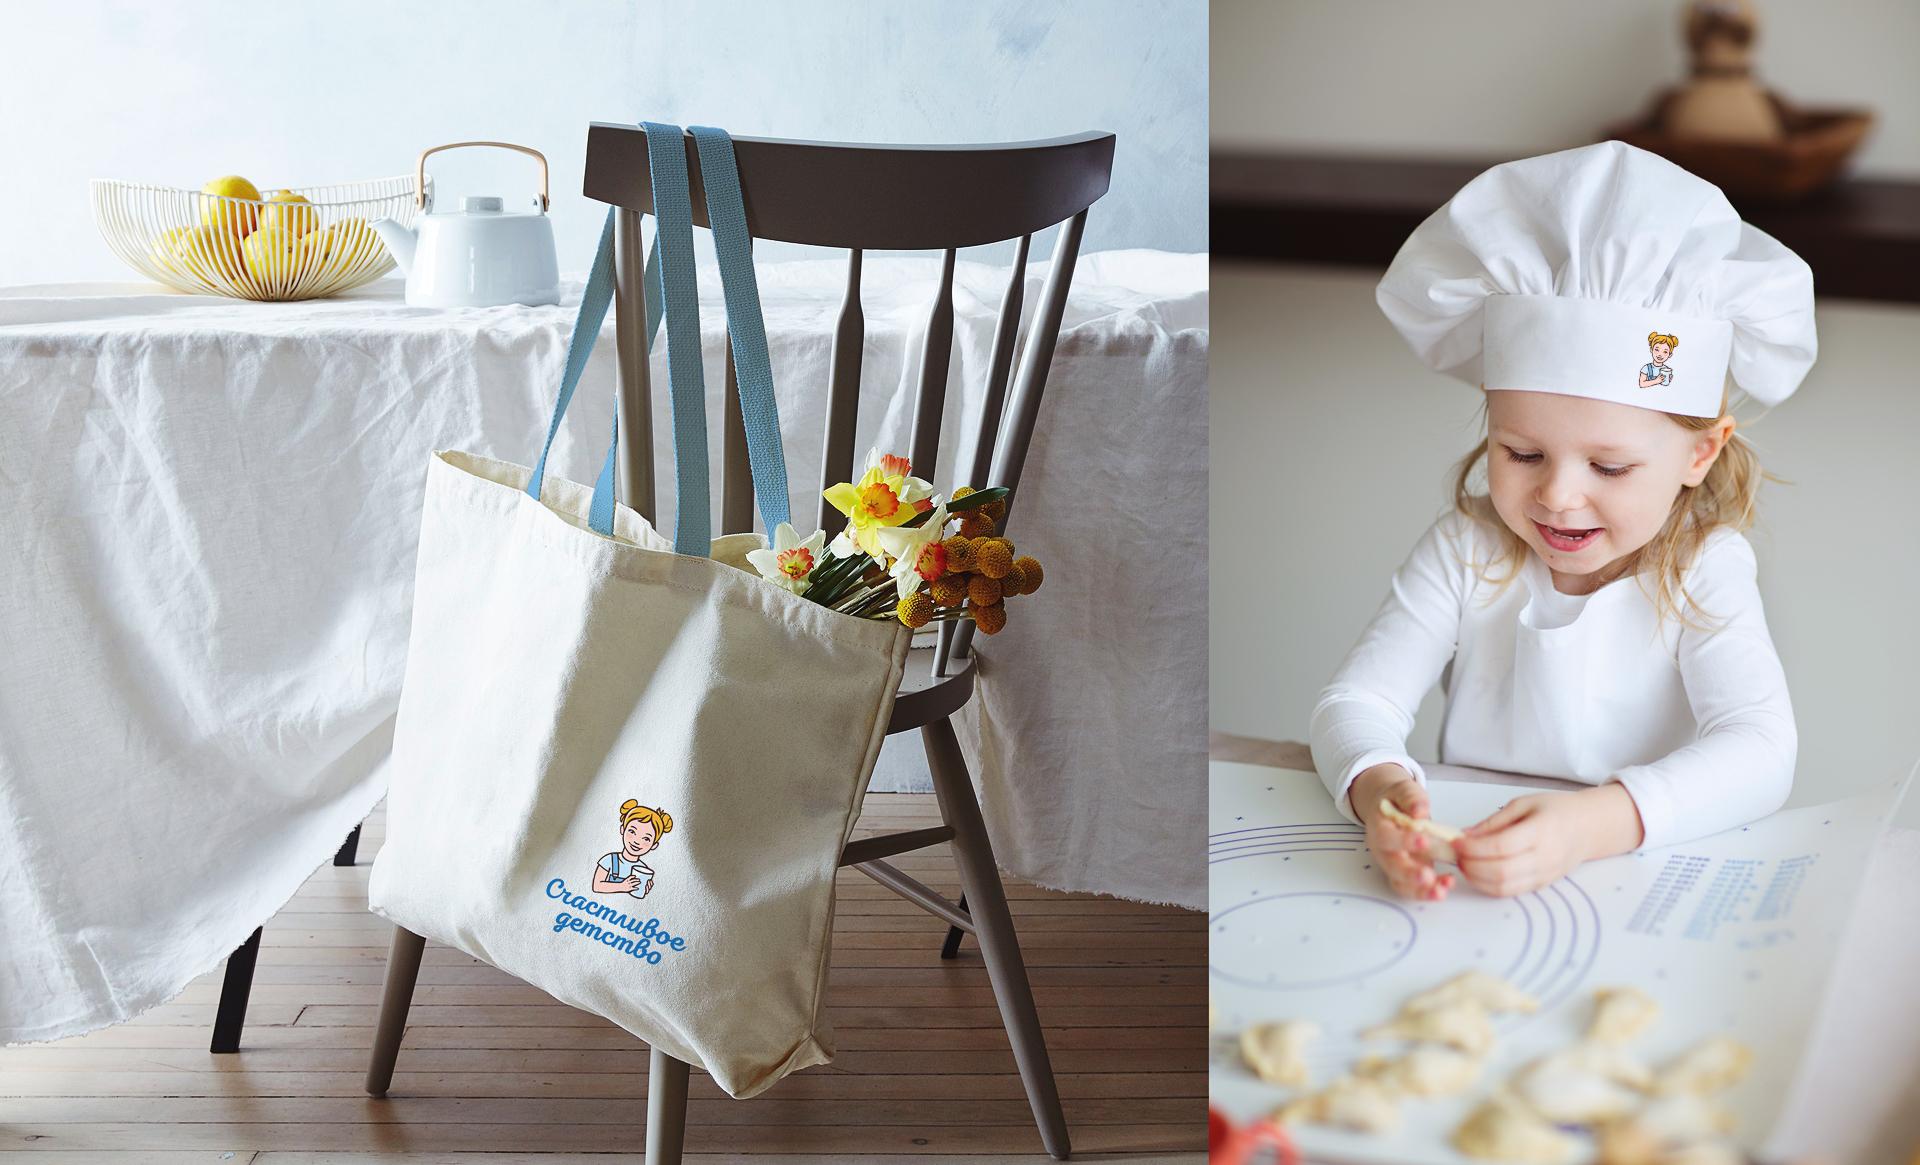 Позиционирование бренда «Счастливое детство» предполагает формирование имиджа натурального, свежего и вкусного продукта для все семьи